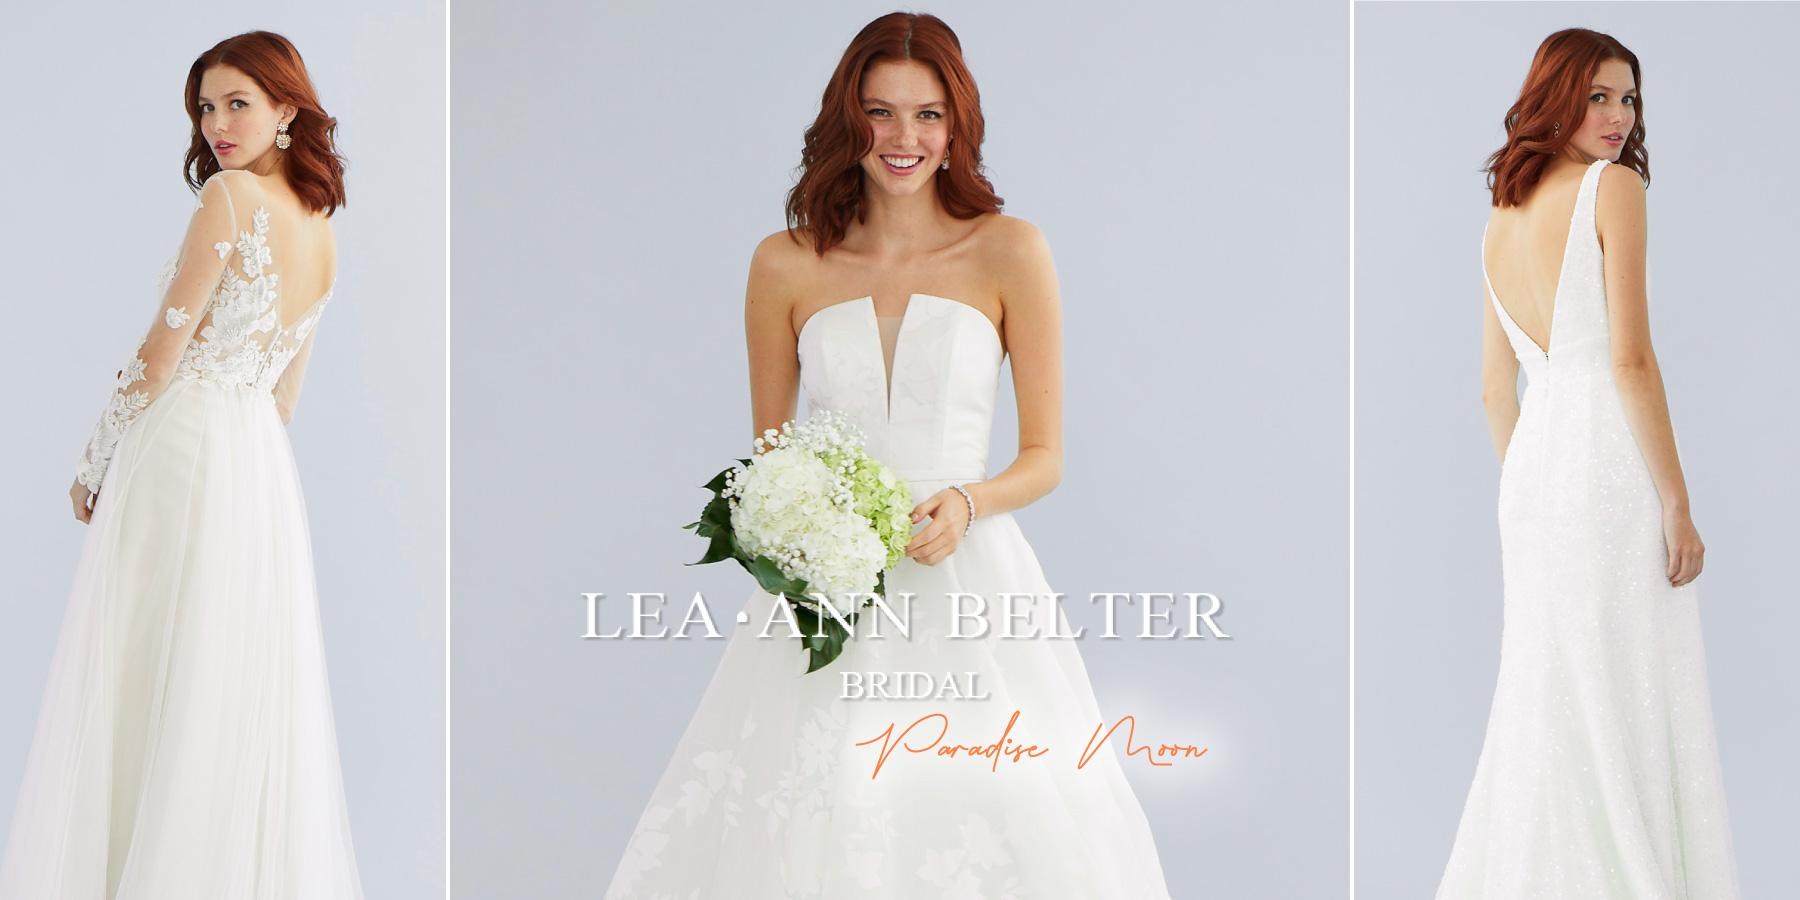 Lea-Ann Belter